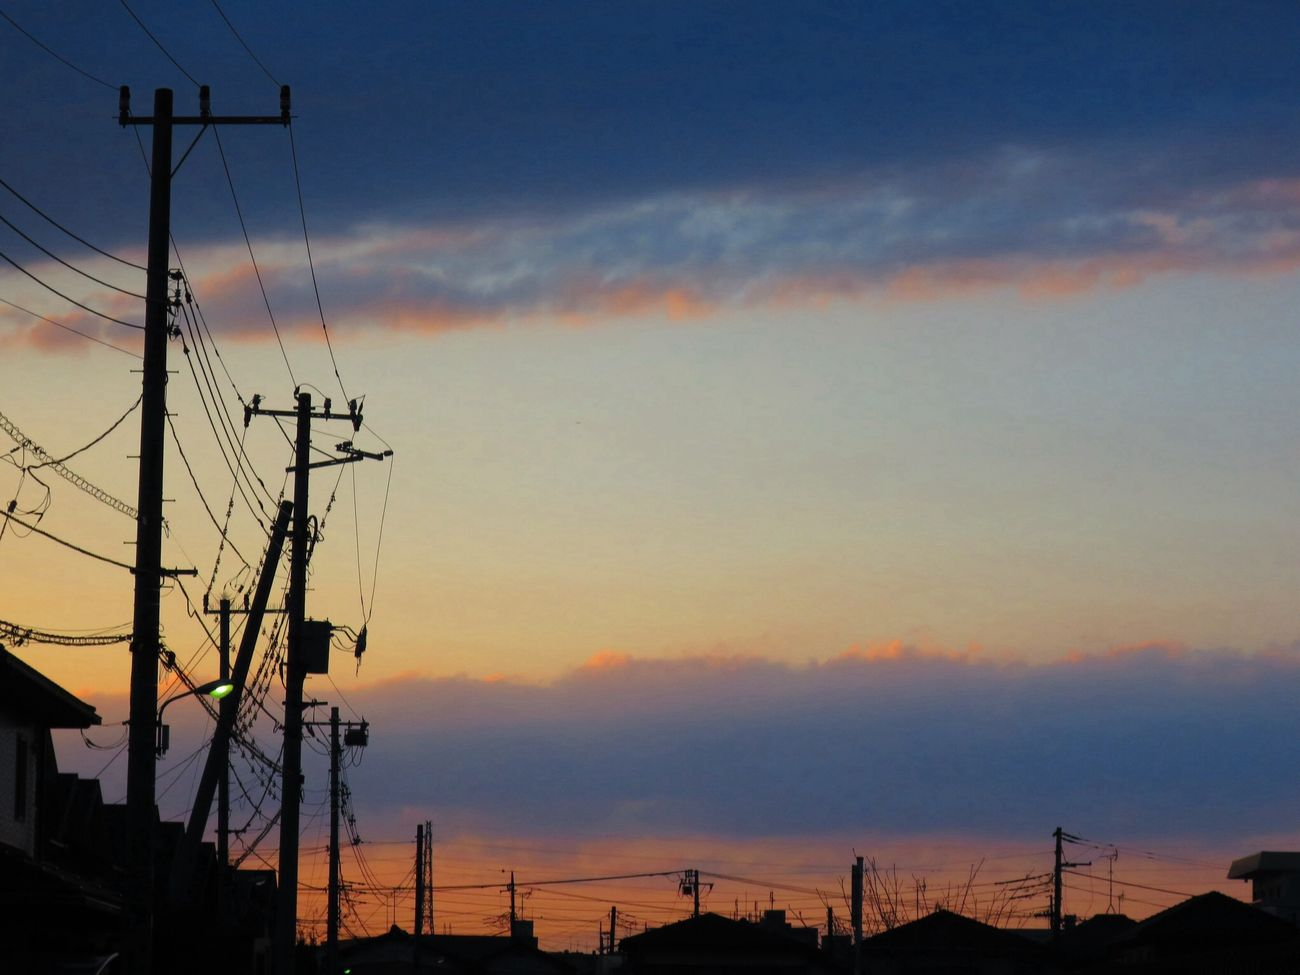 お疲れさまでした。 Canon S120 Twilight Sun Set